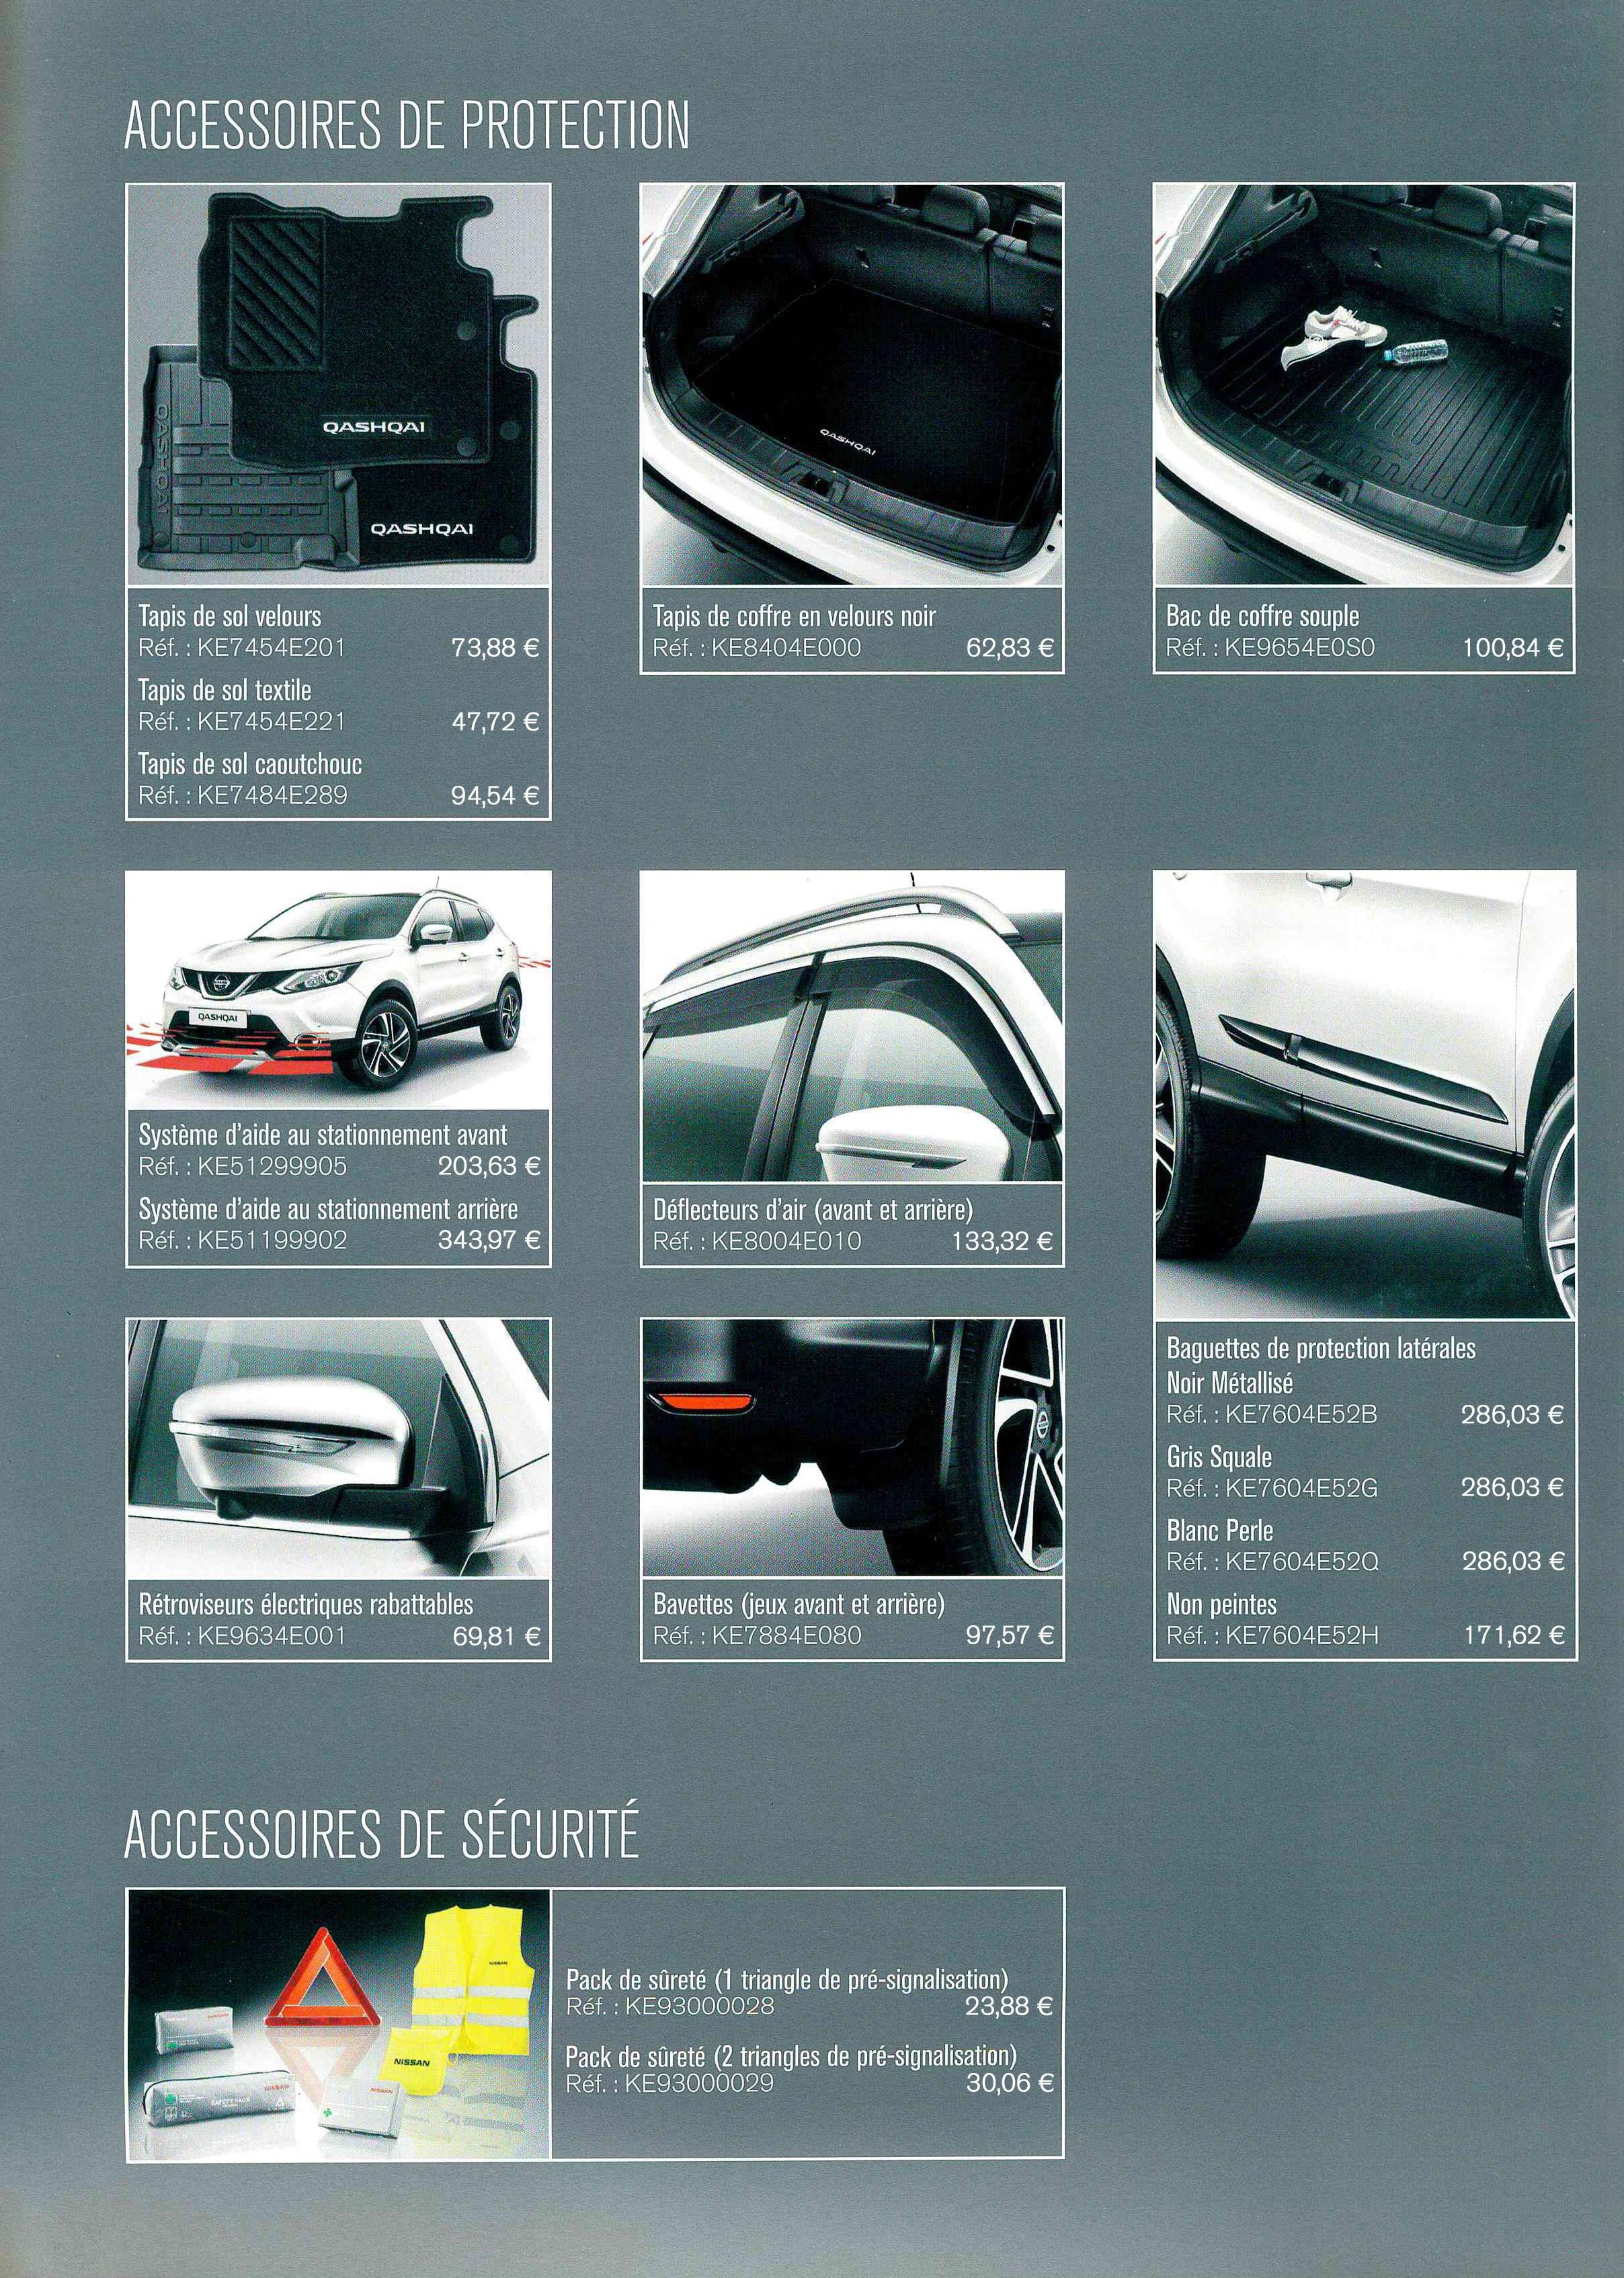 publier des informations sur remise spéciale remise spéciale de Accessoire Nouveau Qashqai chez Nissan Chartres | Nissan ...